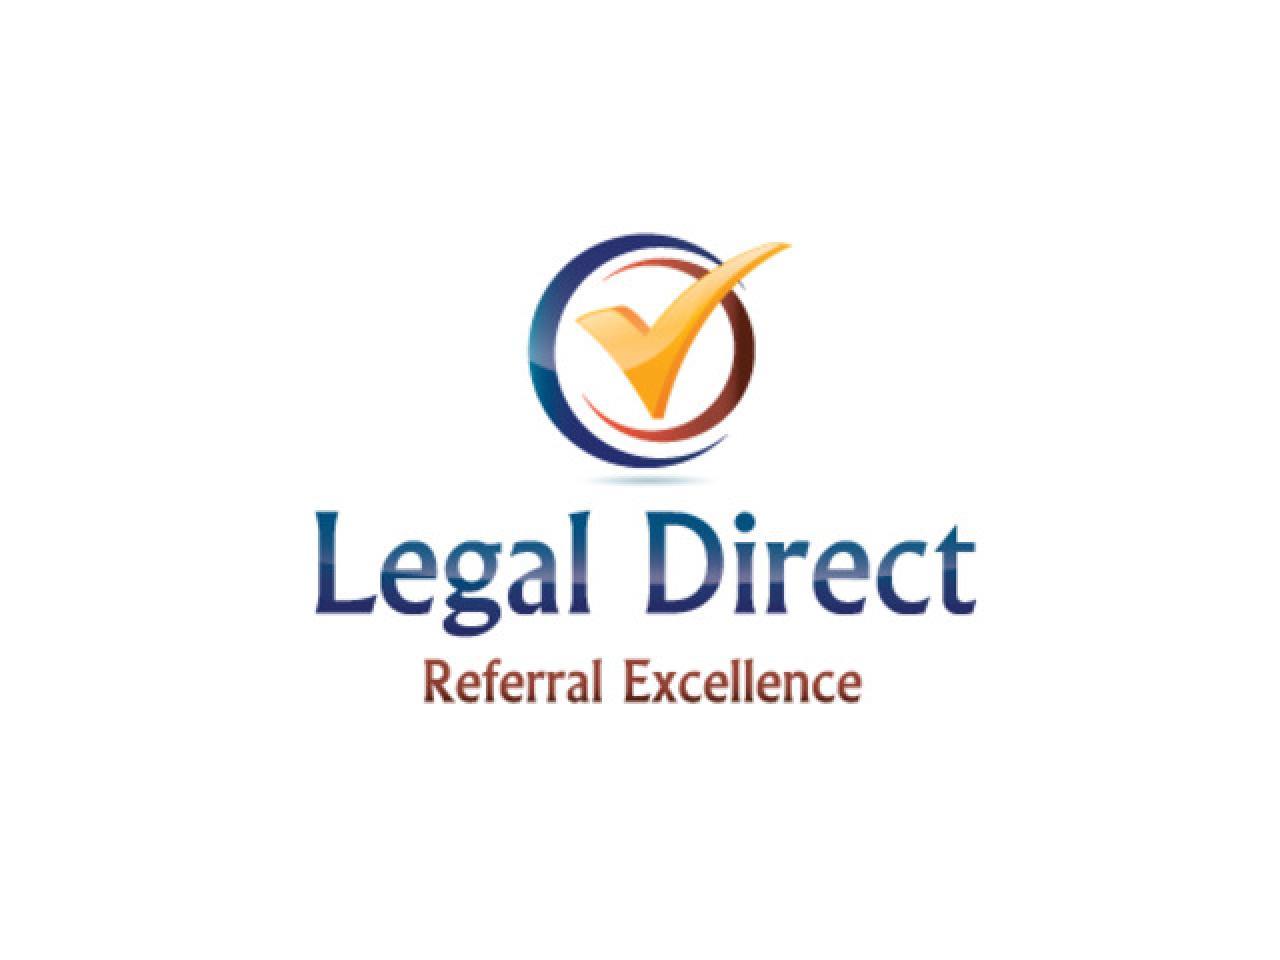 Kвалифицированная юридическая помощь - 1